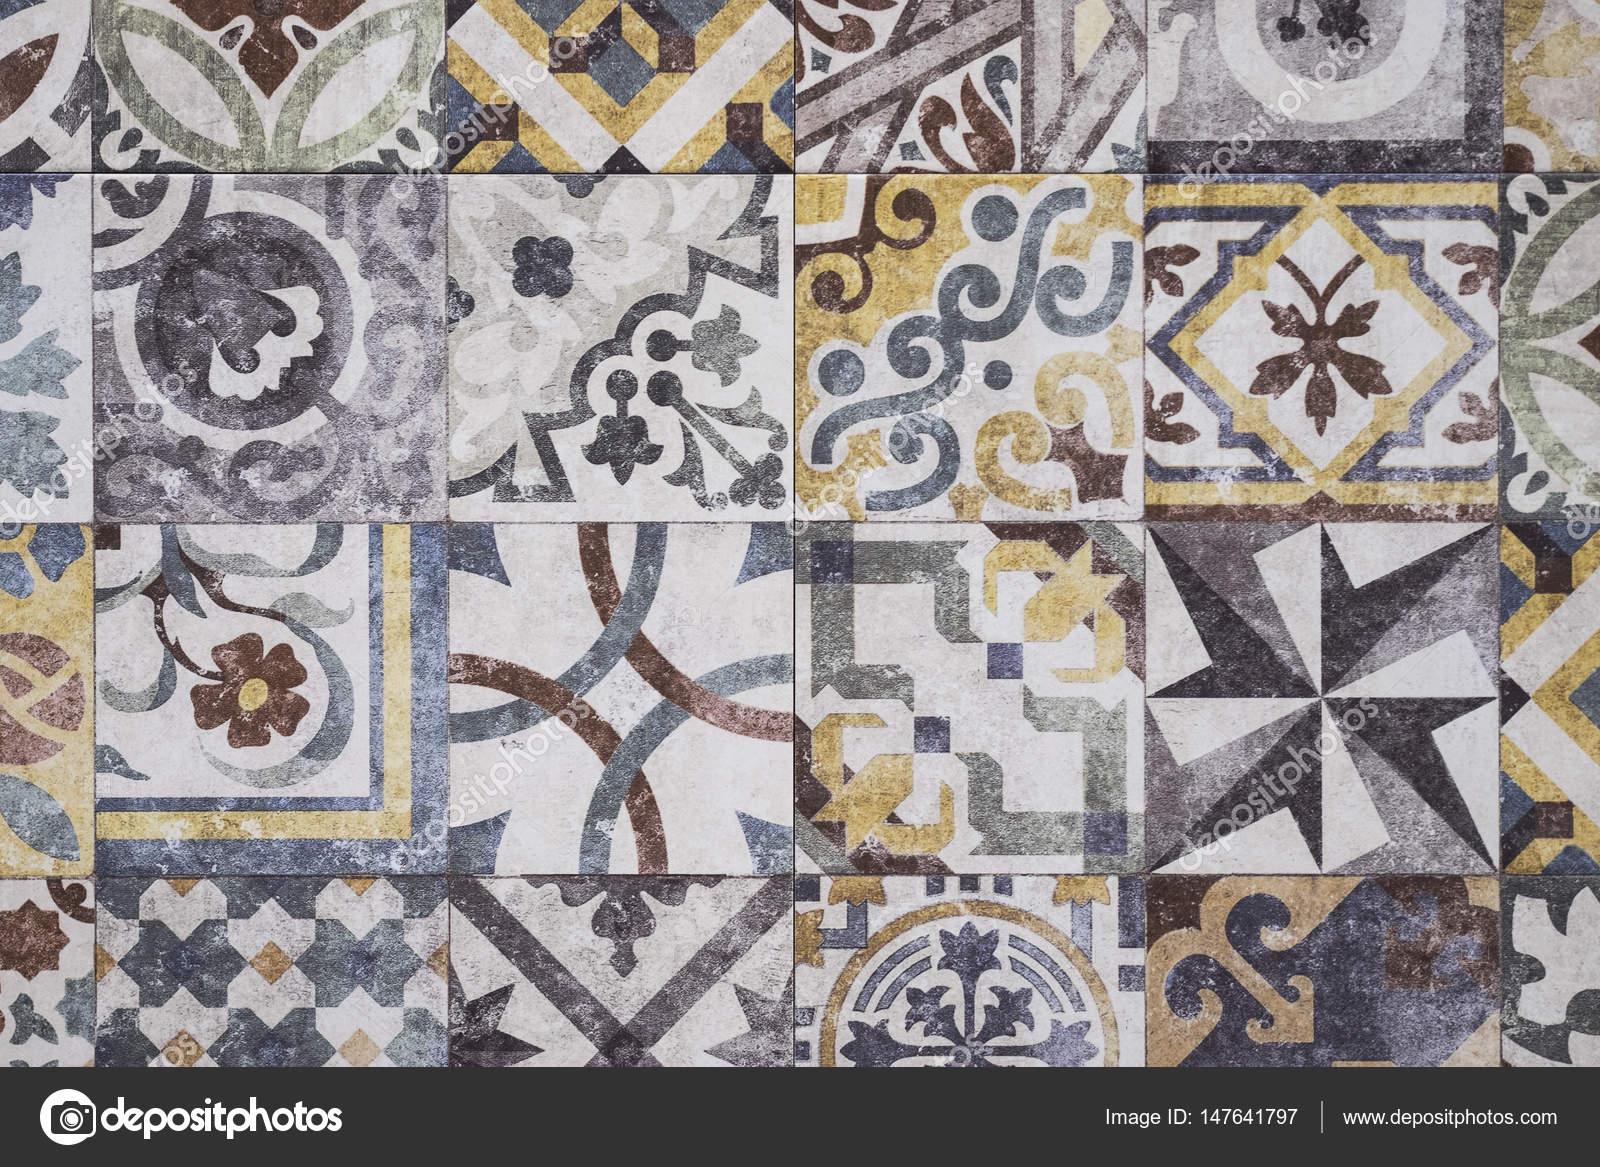 Piastrelle colorate marocchine struttura del pavimento di mosaico